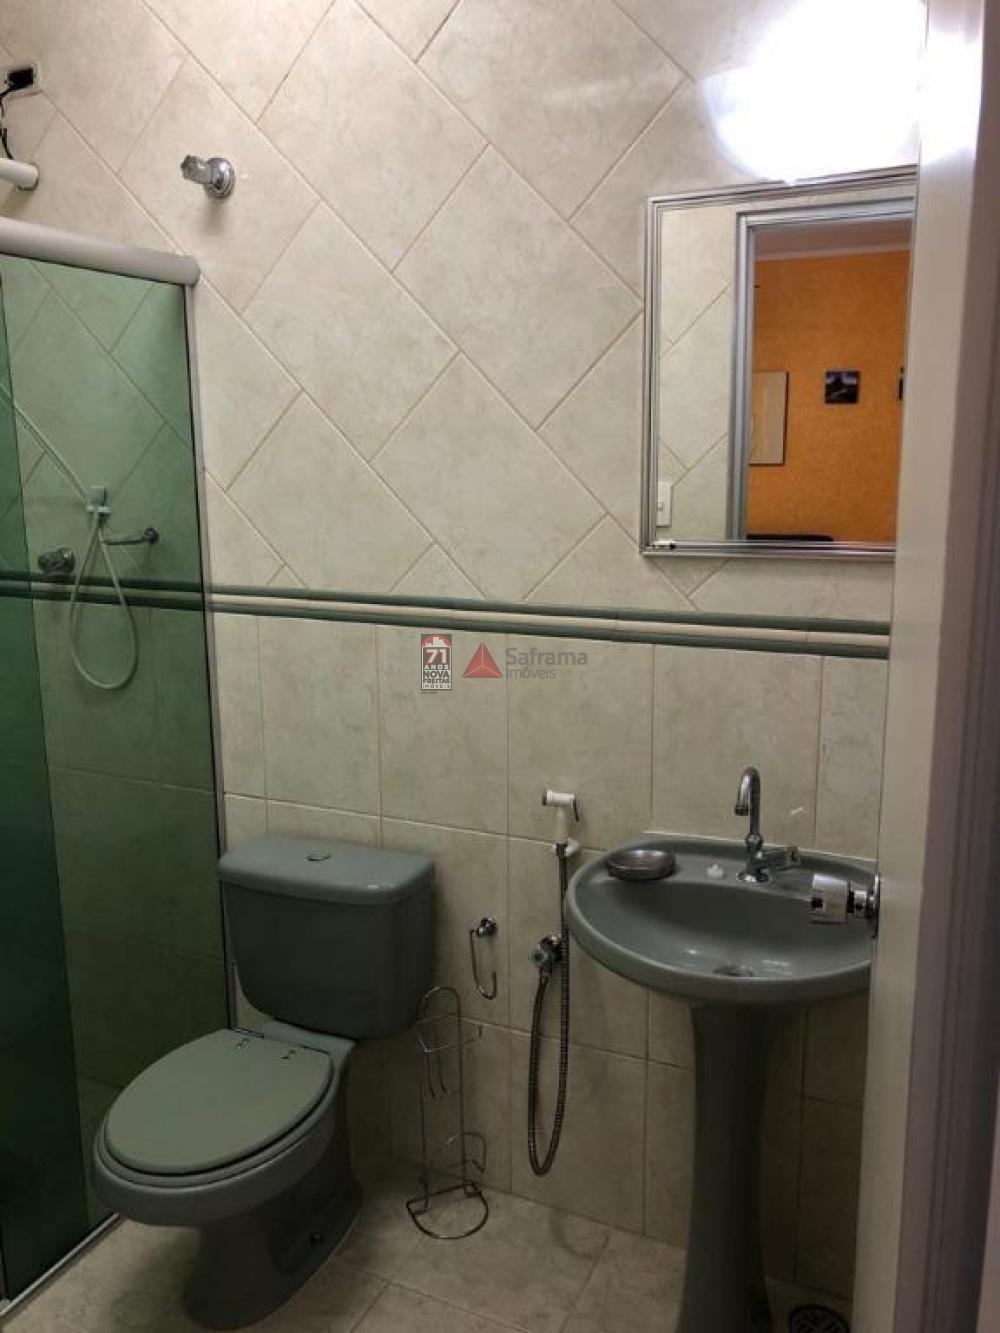 Comprar Apartamento / Padrão em Caraguatatuba apenas R$ 400.000,00 - Foto 10